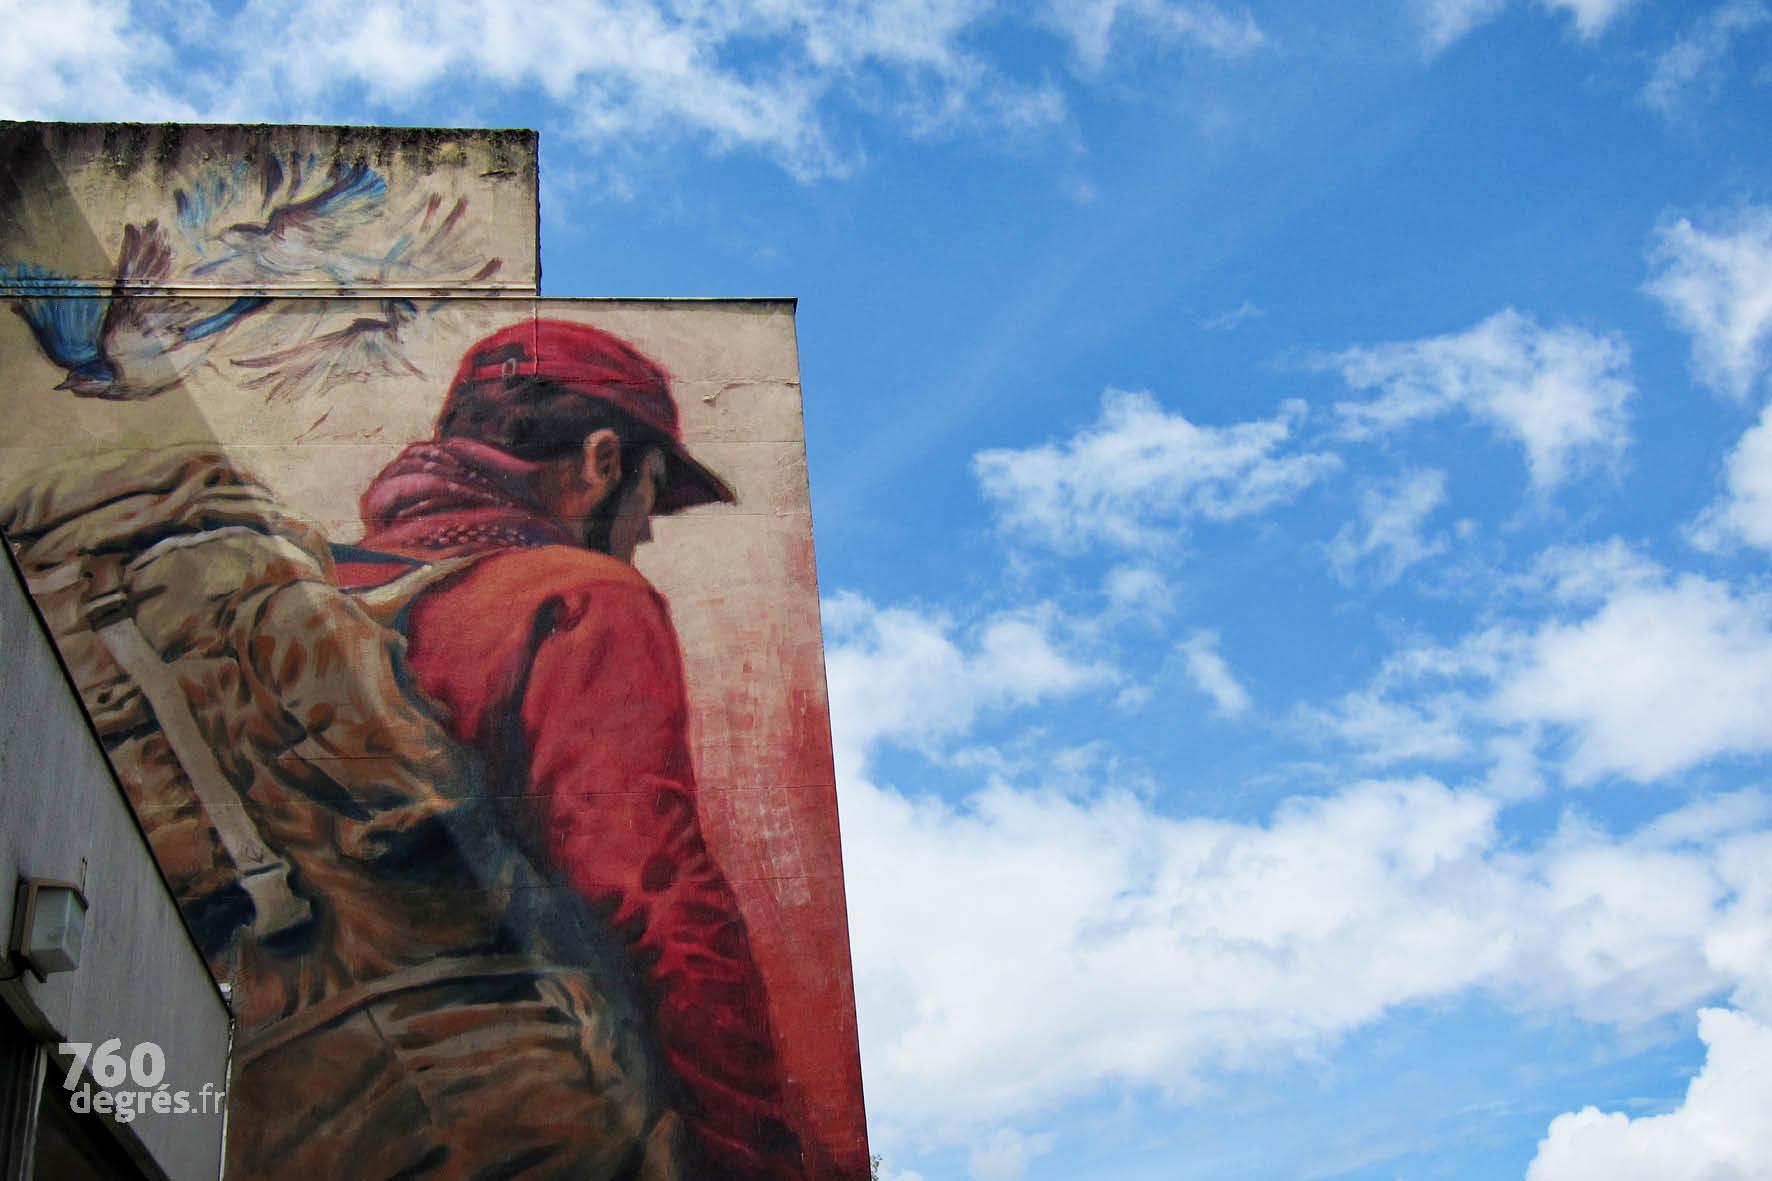 """ALINIZ (Allemagne) """"Le migrant et la liberté"""" - Cette peinture, réalisée uniquement à la patte de lapin, s'inspire d'une photo prise par l'artiste lors de son arrivée à Paris : en chemin pour sa résidence à Street Art City en 2016, il assiste impuissant à l'arrestation de jeunes migrants Syriens en gare de Lyon avec qui il avait fait le voyage."""